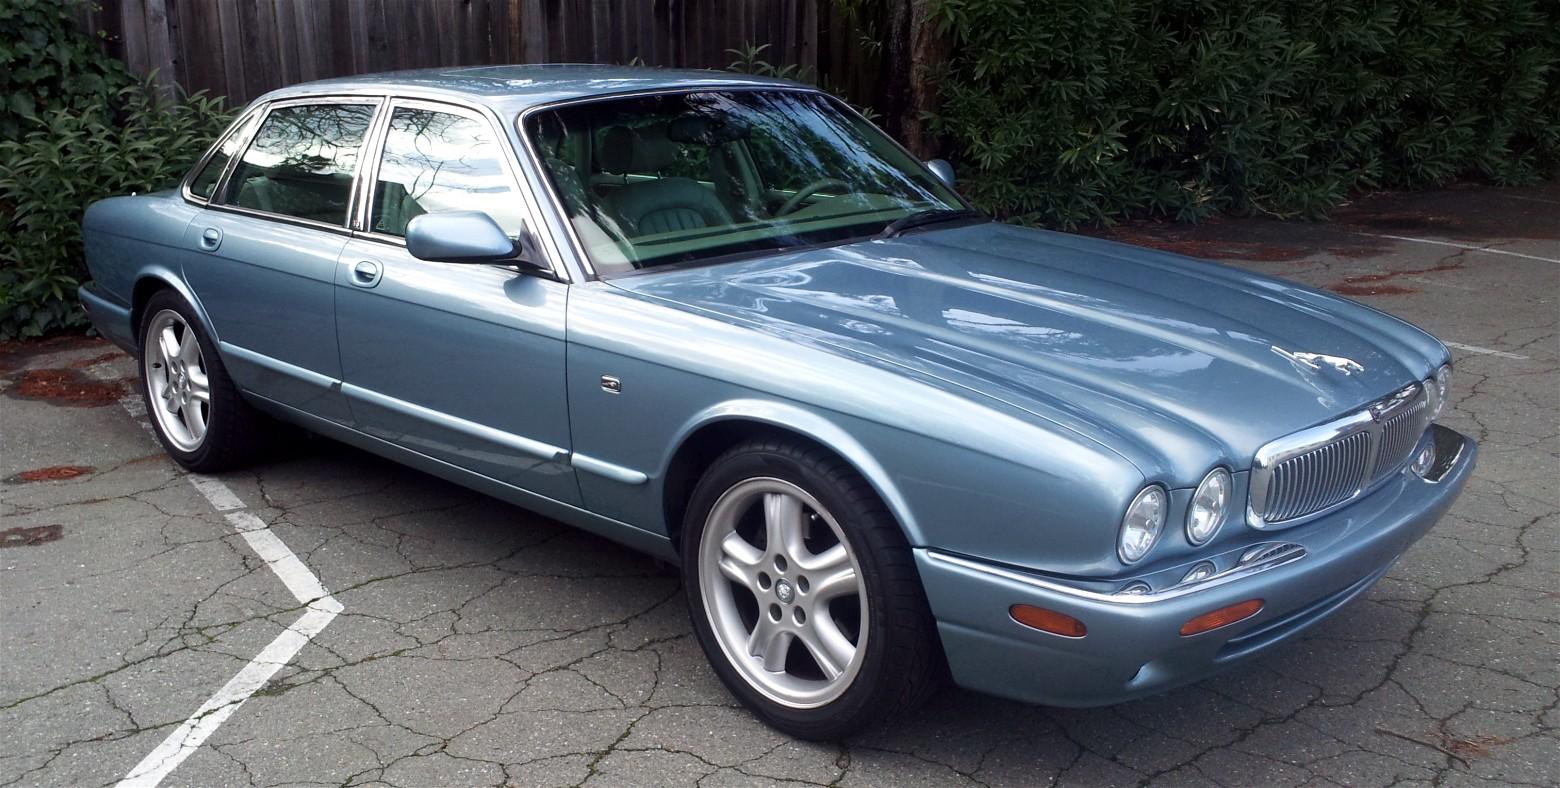 Zircon 2002 Jaguar XJR